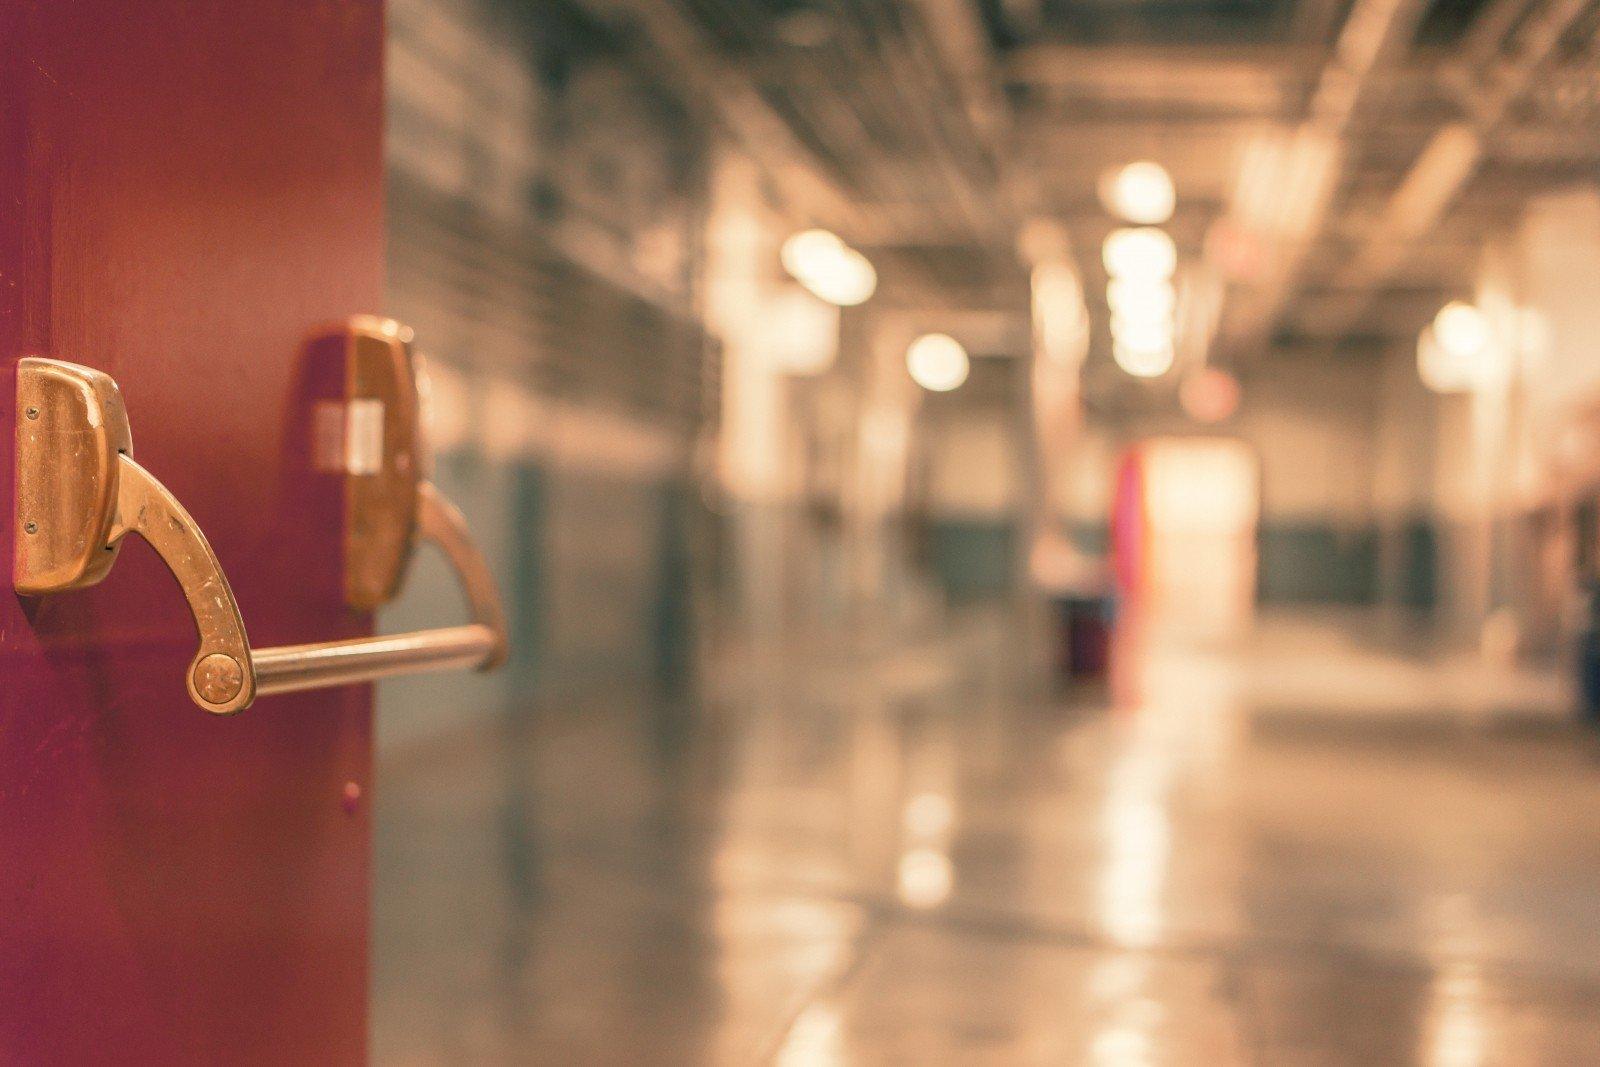 Despacho n.º 5479/2017 – Fornecimento de uma alimentação nutricionalmente adequada nas entidades hospitalares do SNS